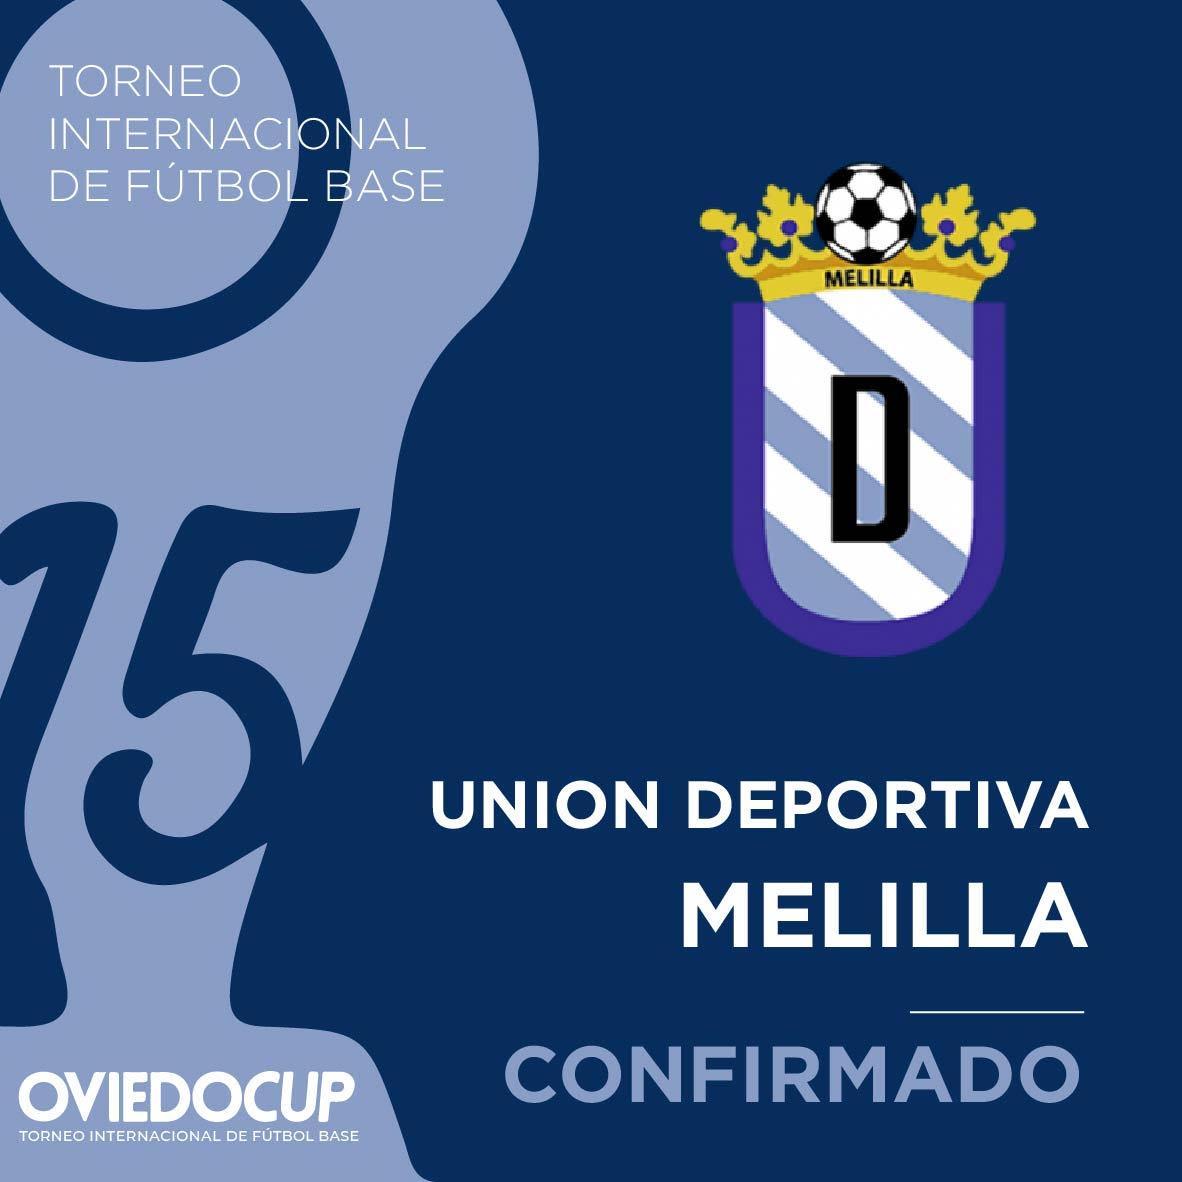   EQUIPO CONFIRMADO  ¡¡Celebramos que el club melillense competirá en la #OviedoCup2020!! @UDMelilla  #TorneoInternacional #FútboBase #OviedoCup #XVEdición #SemanaSantapic.twitter.com/MvCUHTodrg